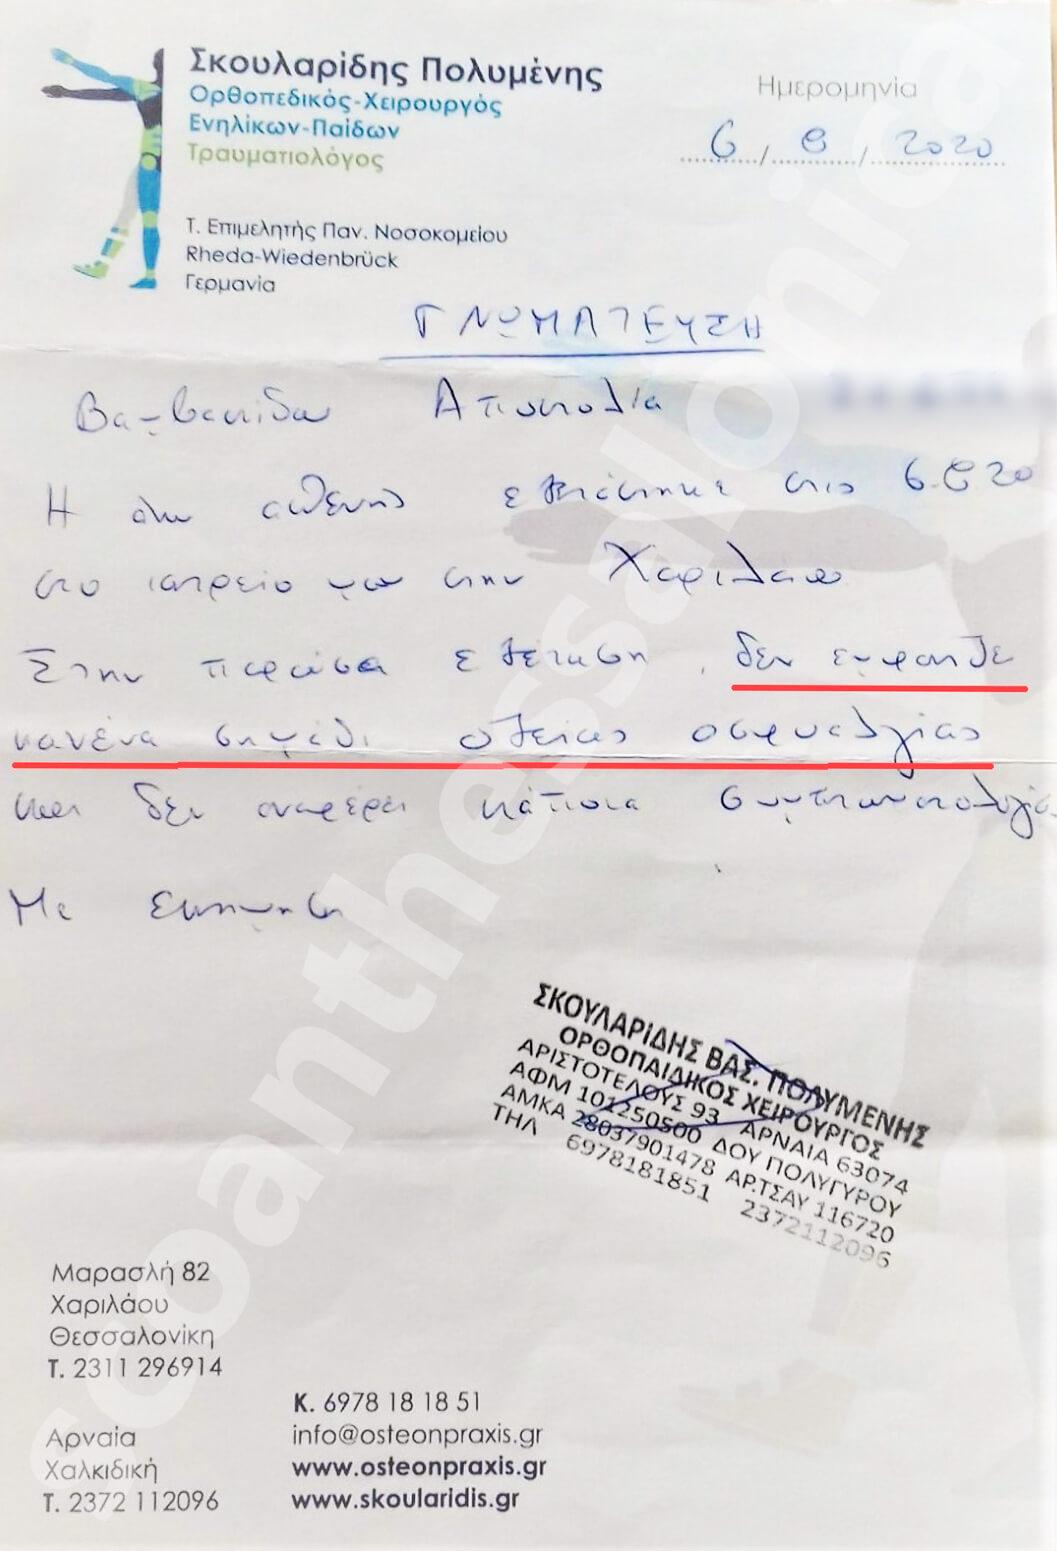 TESTIMONY2_MS_APOSTOLIA_VAMVAKIDOU_2021_08_29